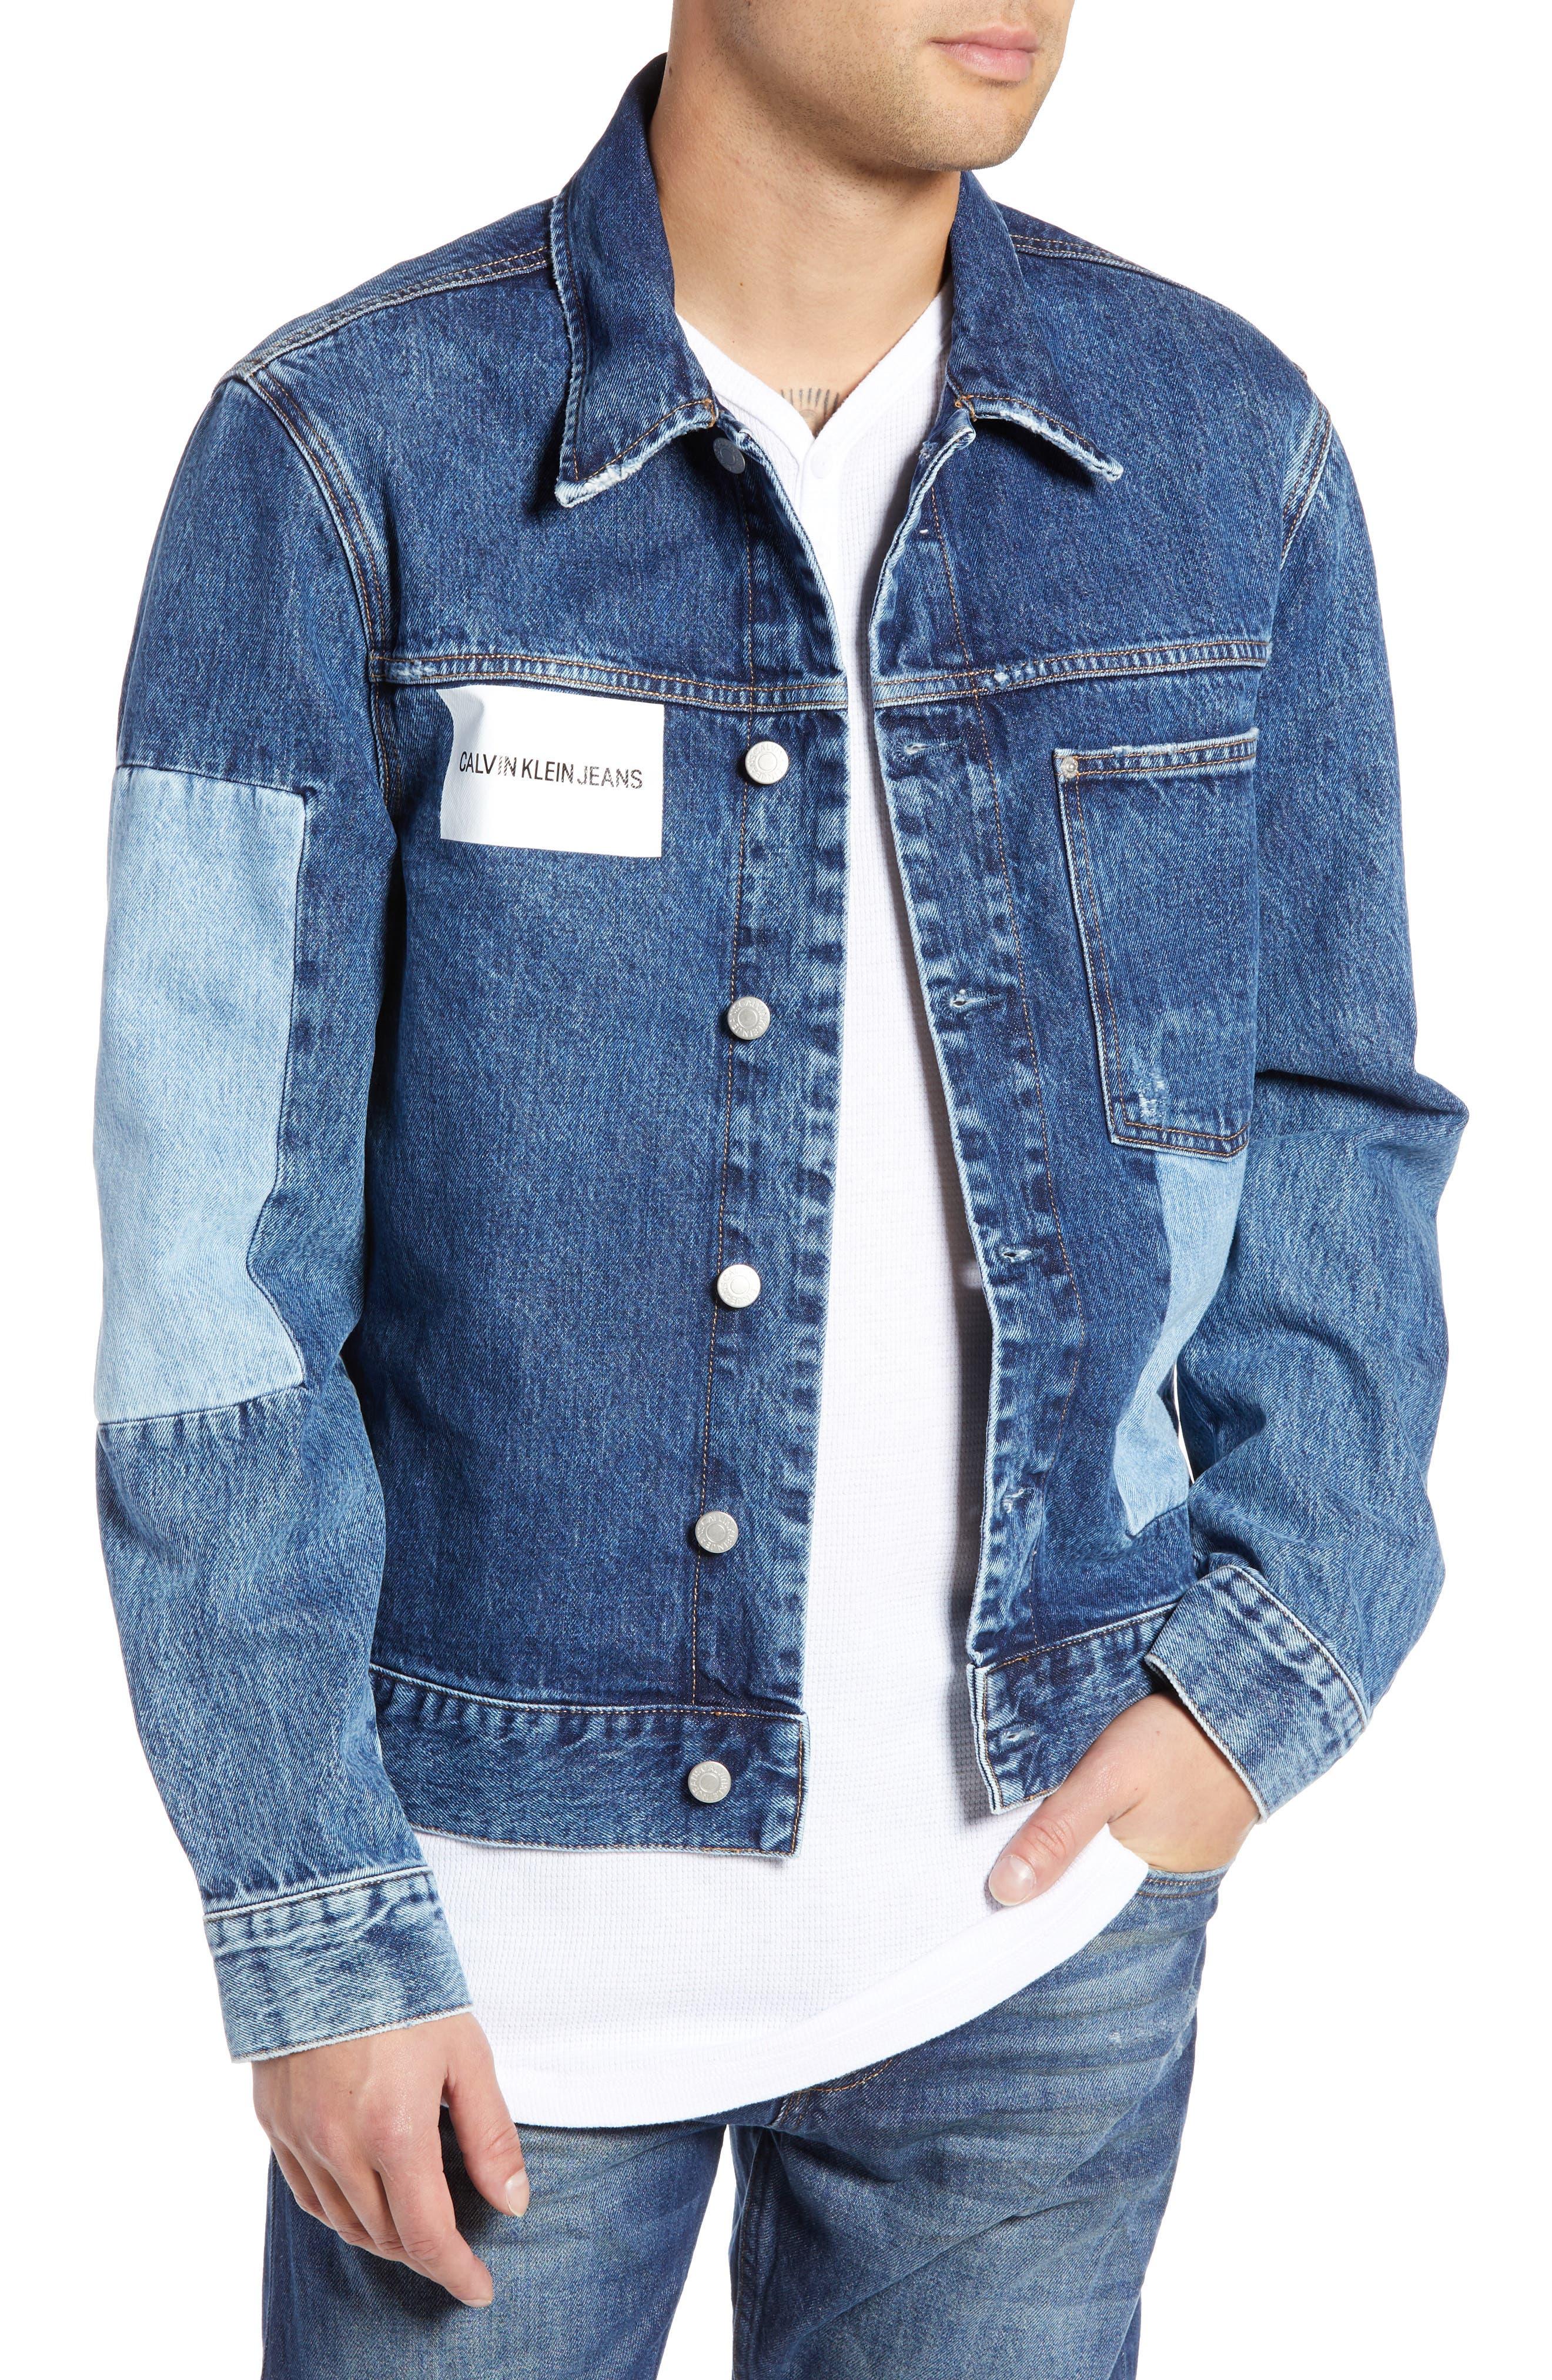 CALVIN KLEIN JEANS,                             Patch One-Pocket Denim Jacket,                             Main thumbnail 1, color,                             400